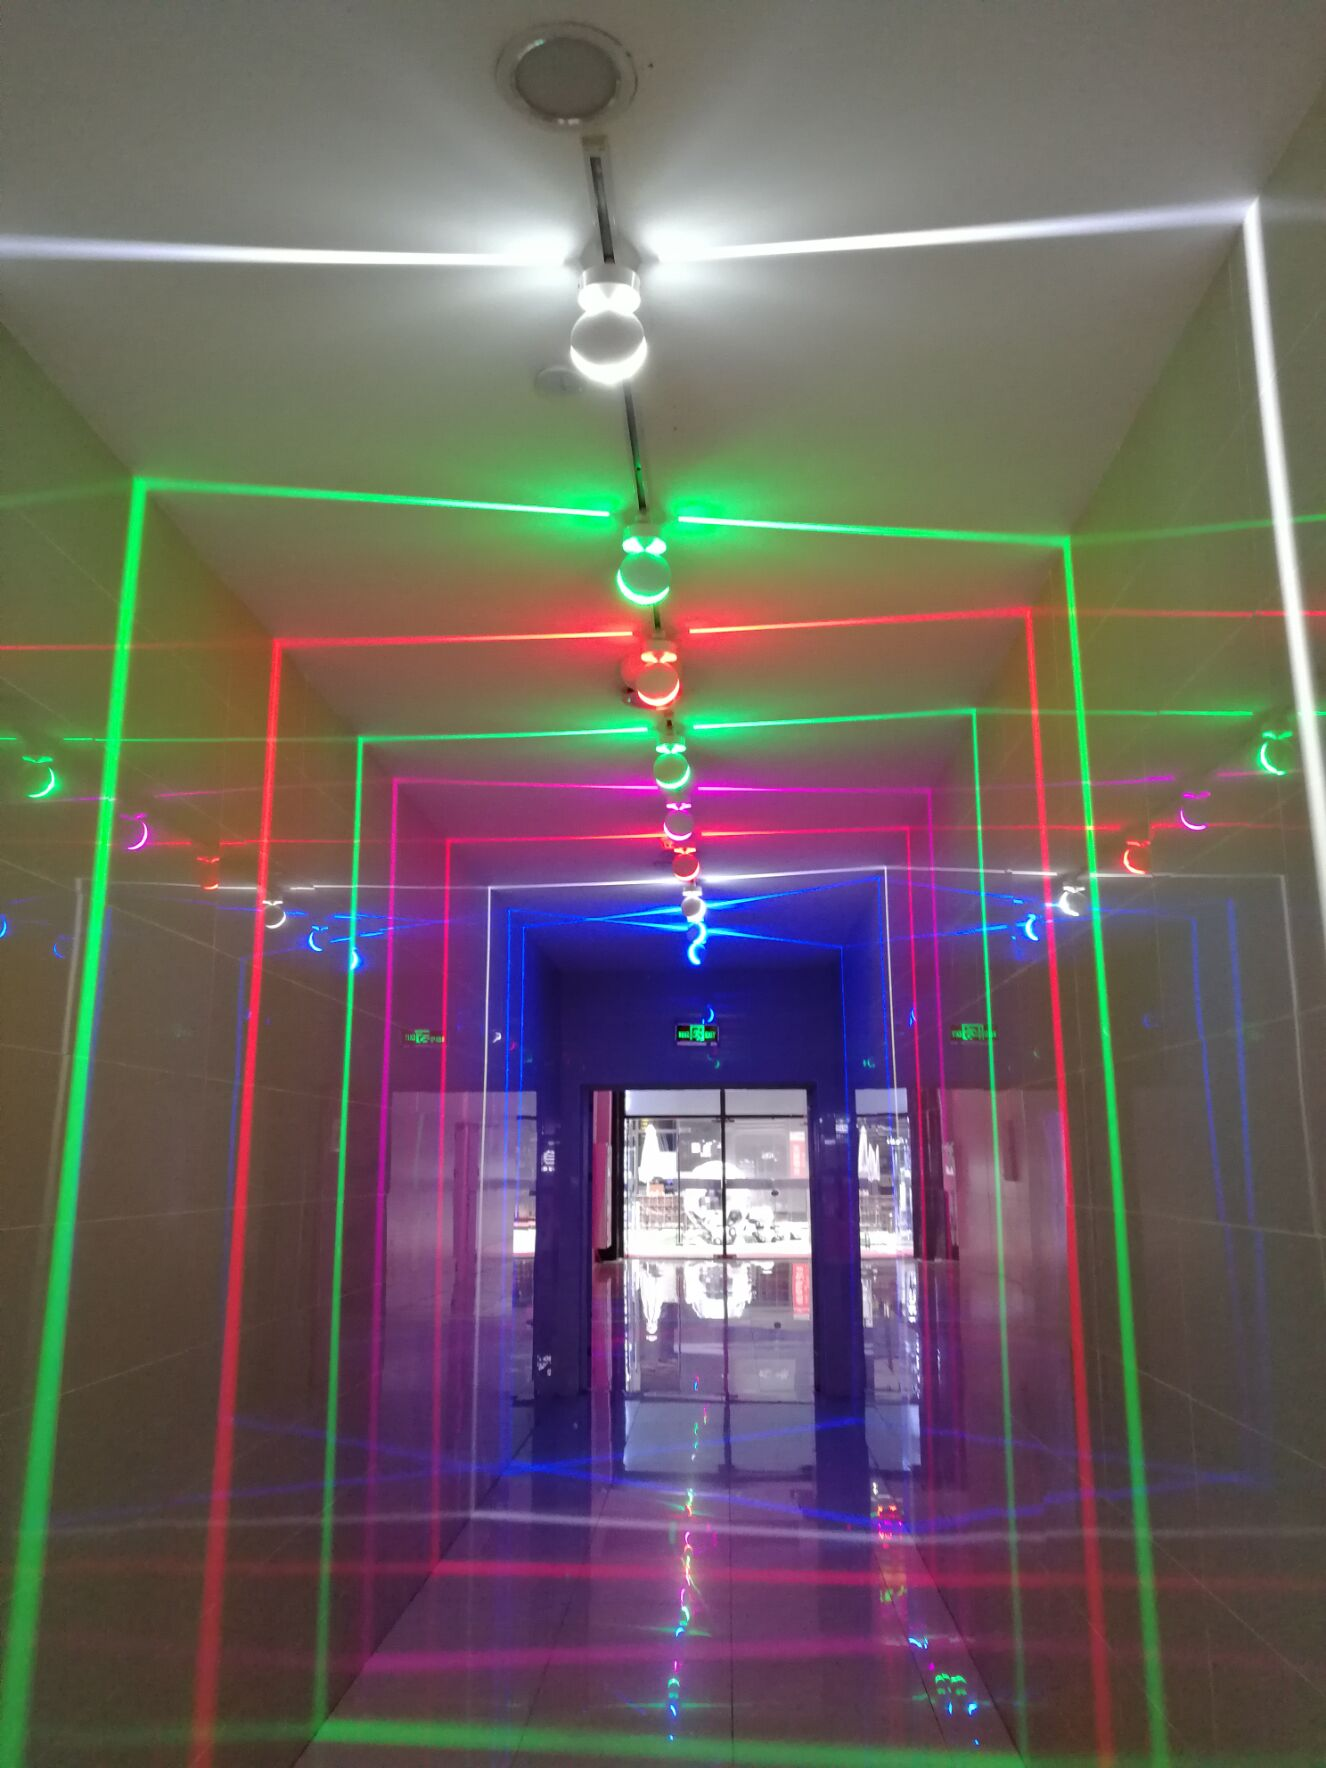 360 Degree LED Ceiling Light Wall mounting Light LED Window Lights for balcony Bedroom KTV hotel corridor Channel